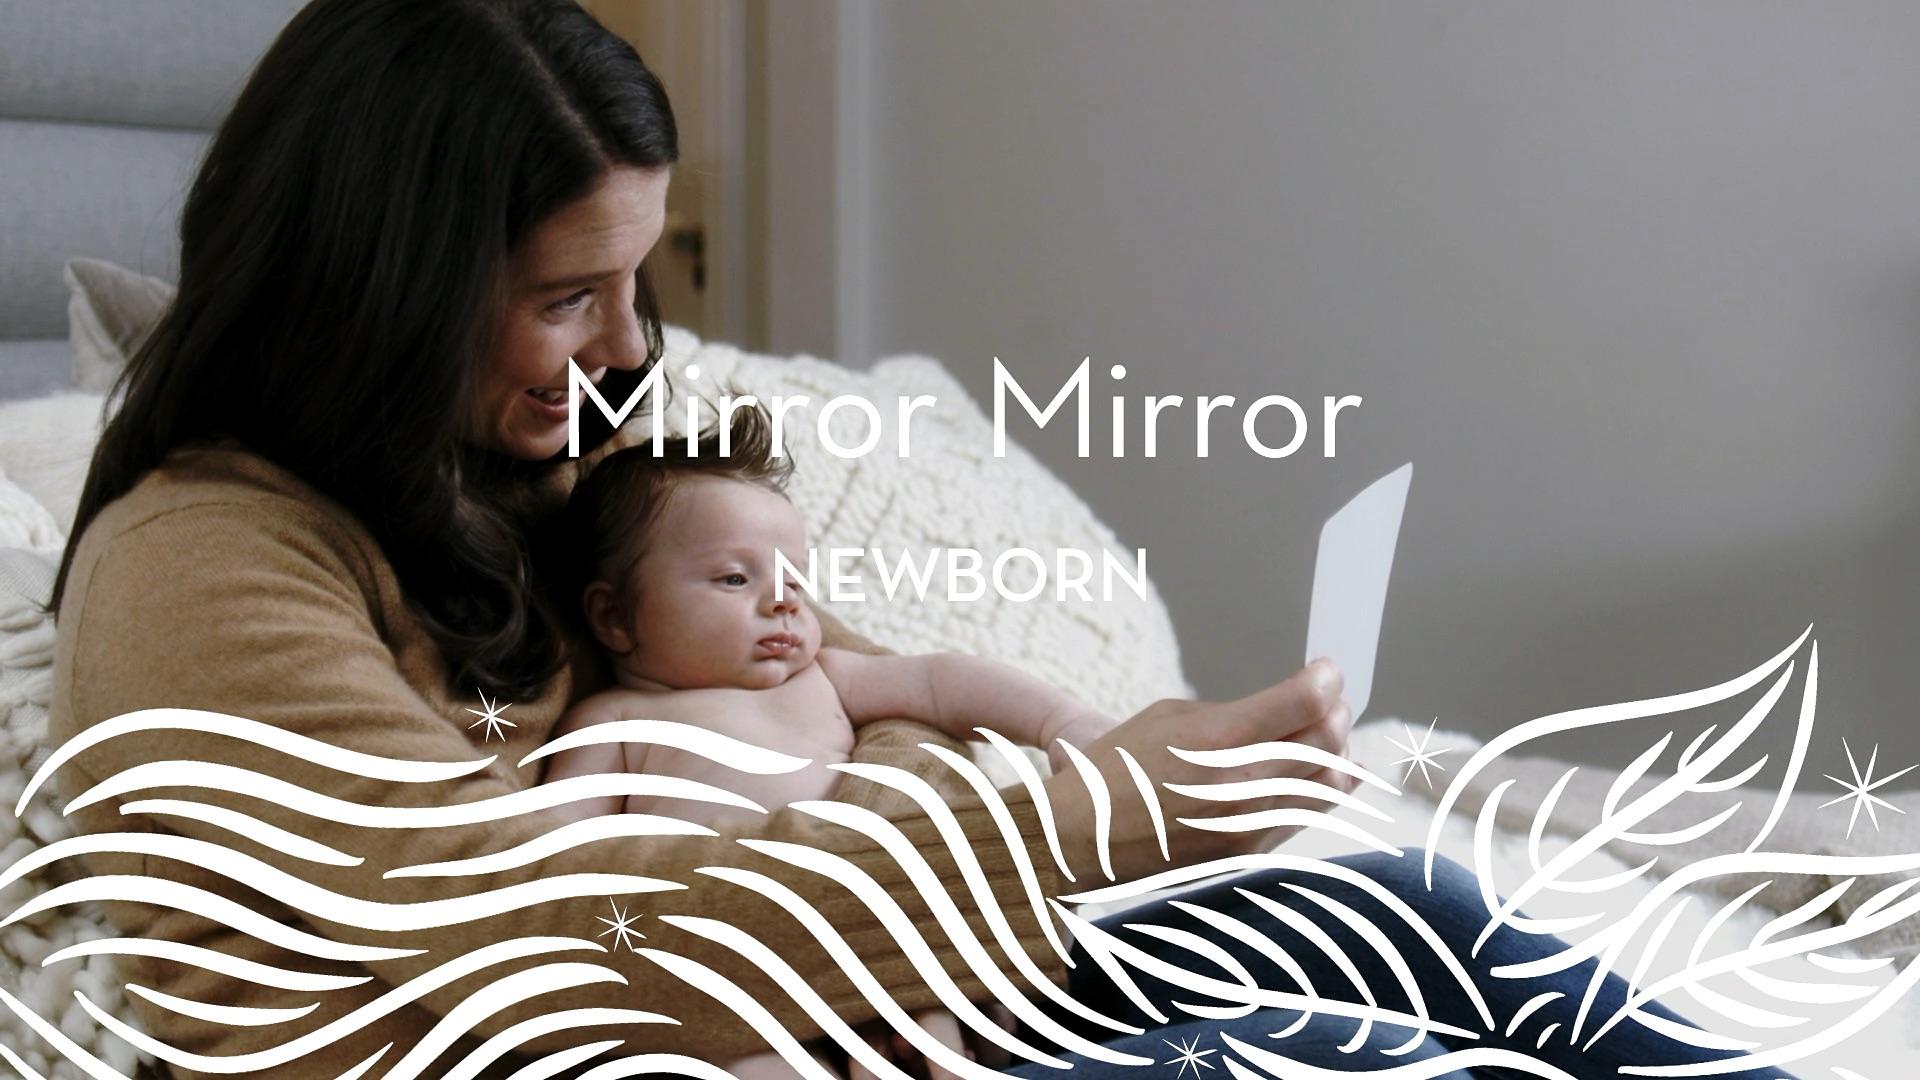 Newborn | Mirror Mirror